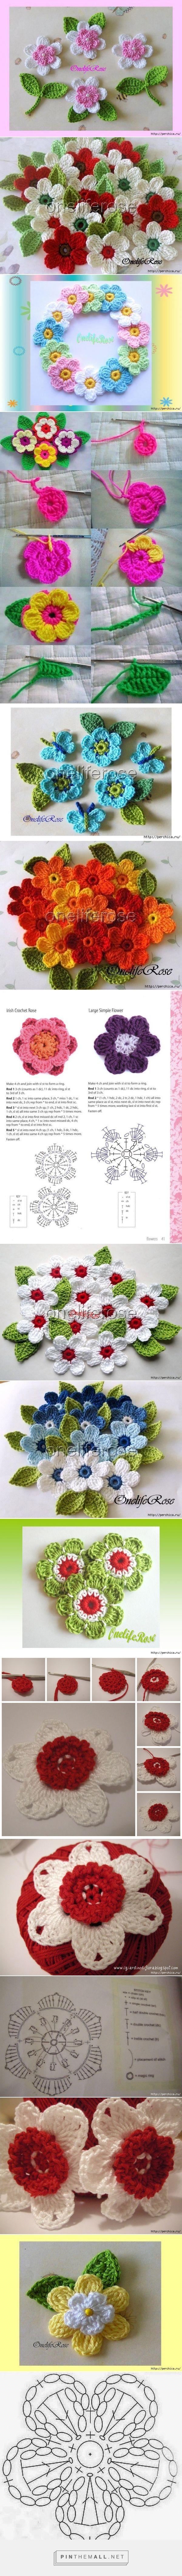 fiori e fiorellini - created via pinthemall.net